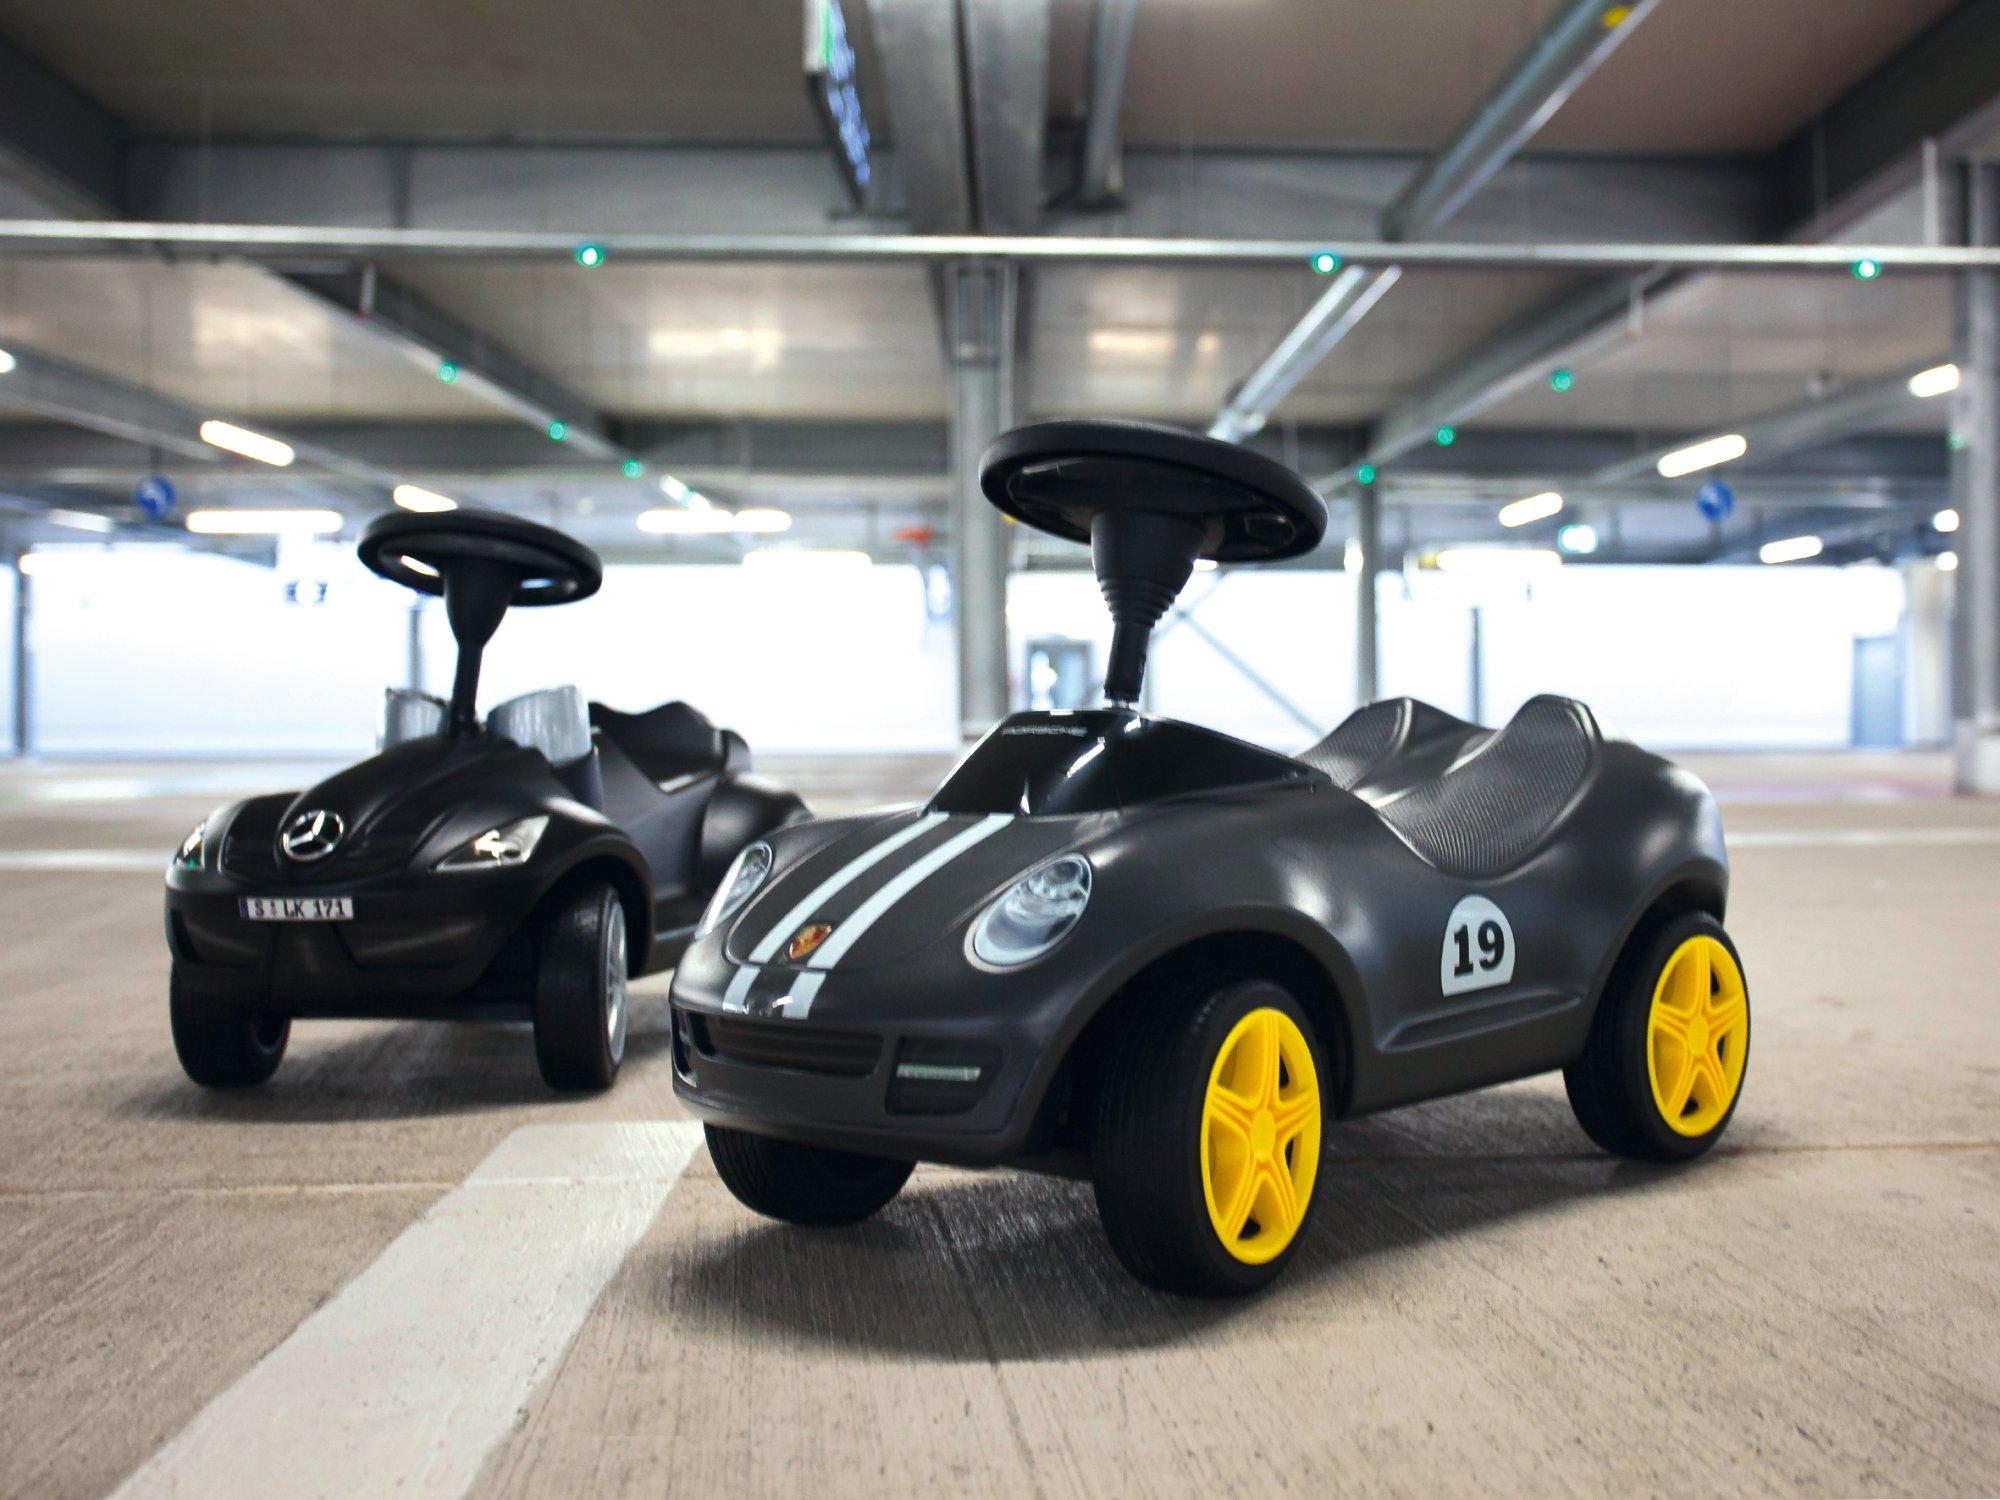 BIG Baby Porsche Ride-On Vehicle by BIG Spielwarenfabrik (Image #6)